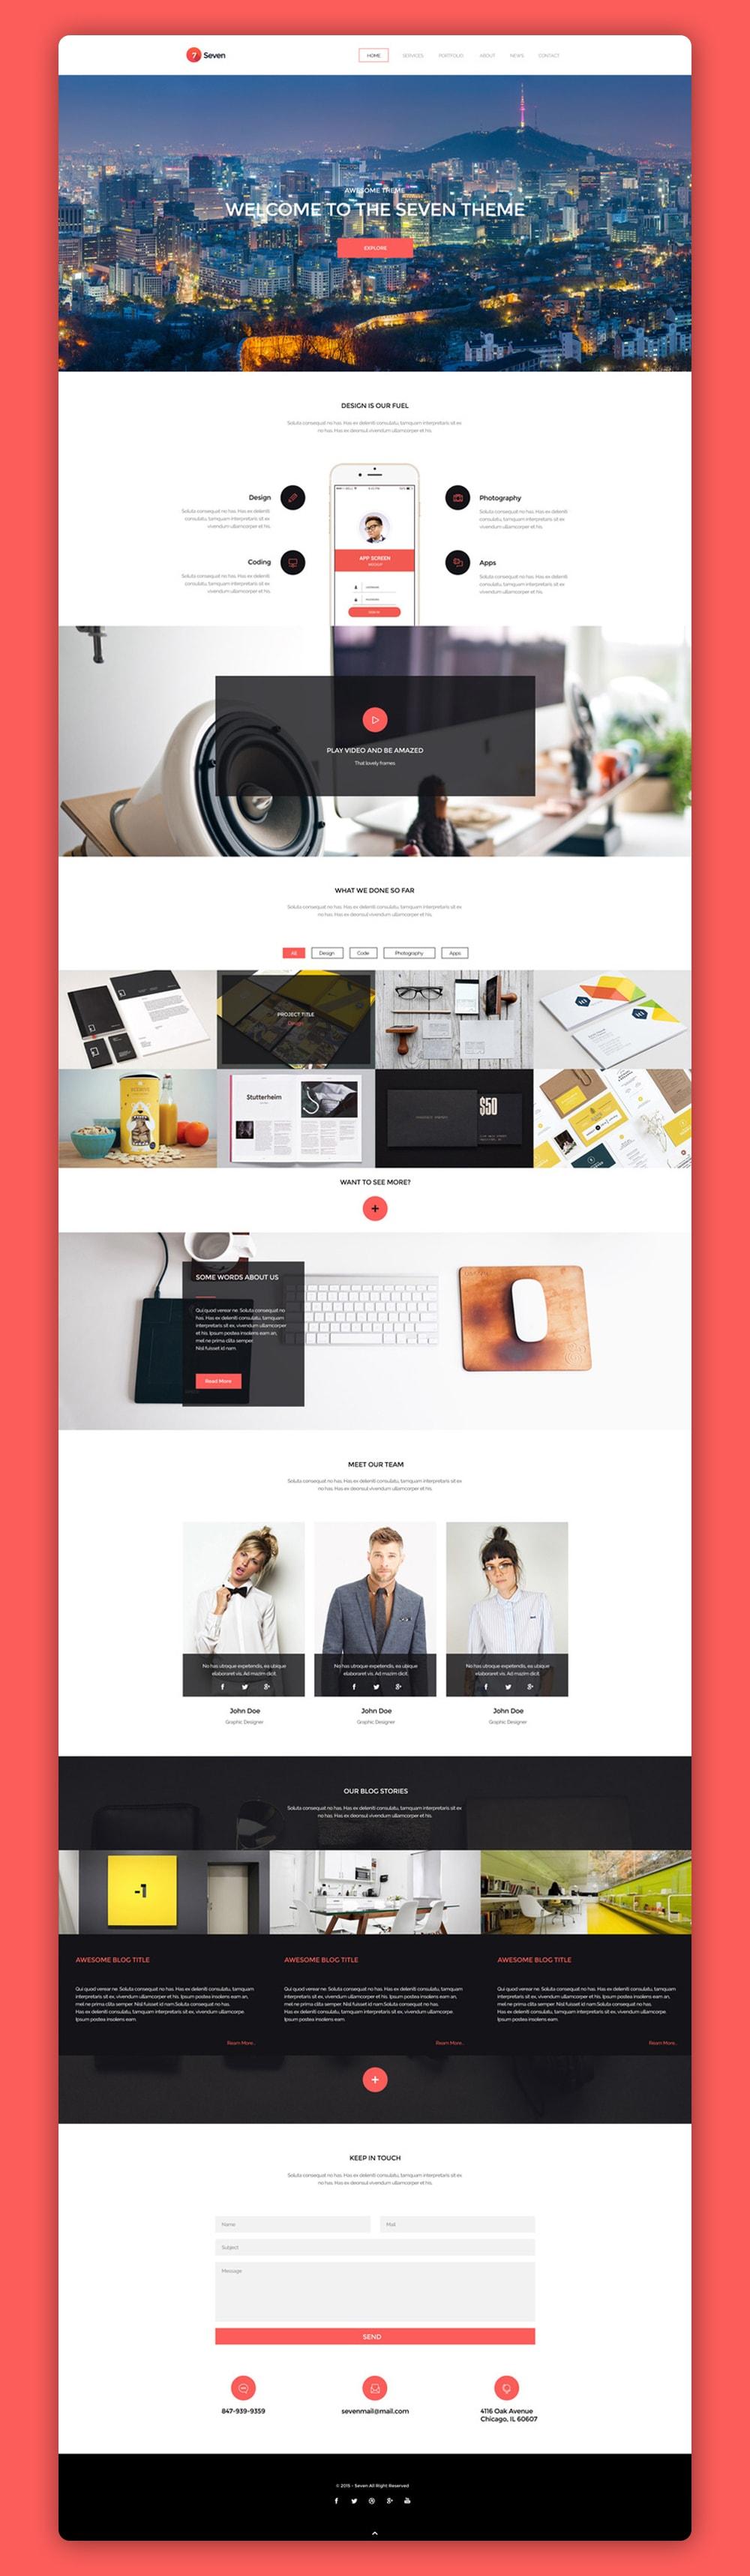 Pin de design shotz en Freebies   Pinterest